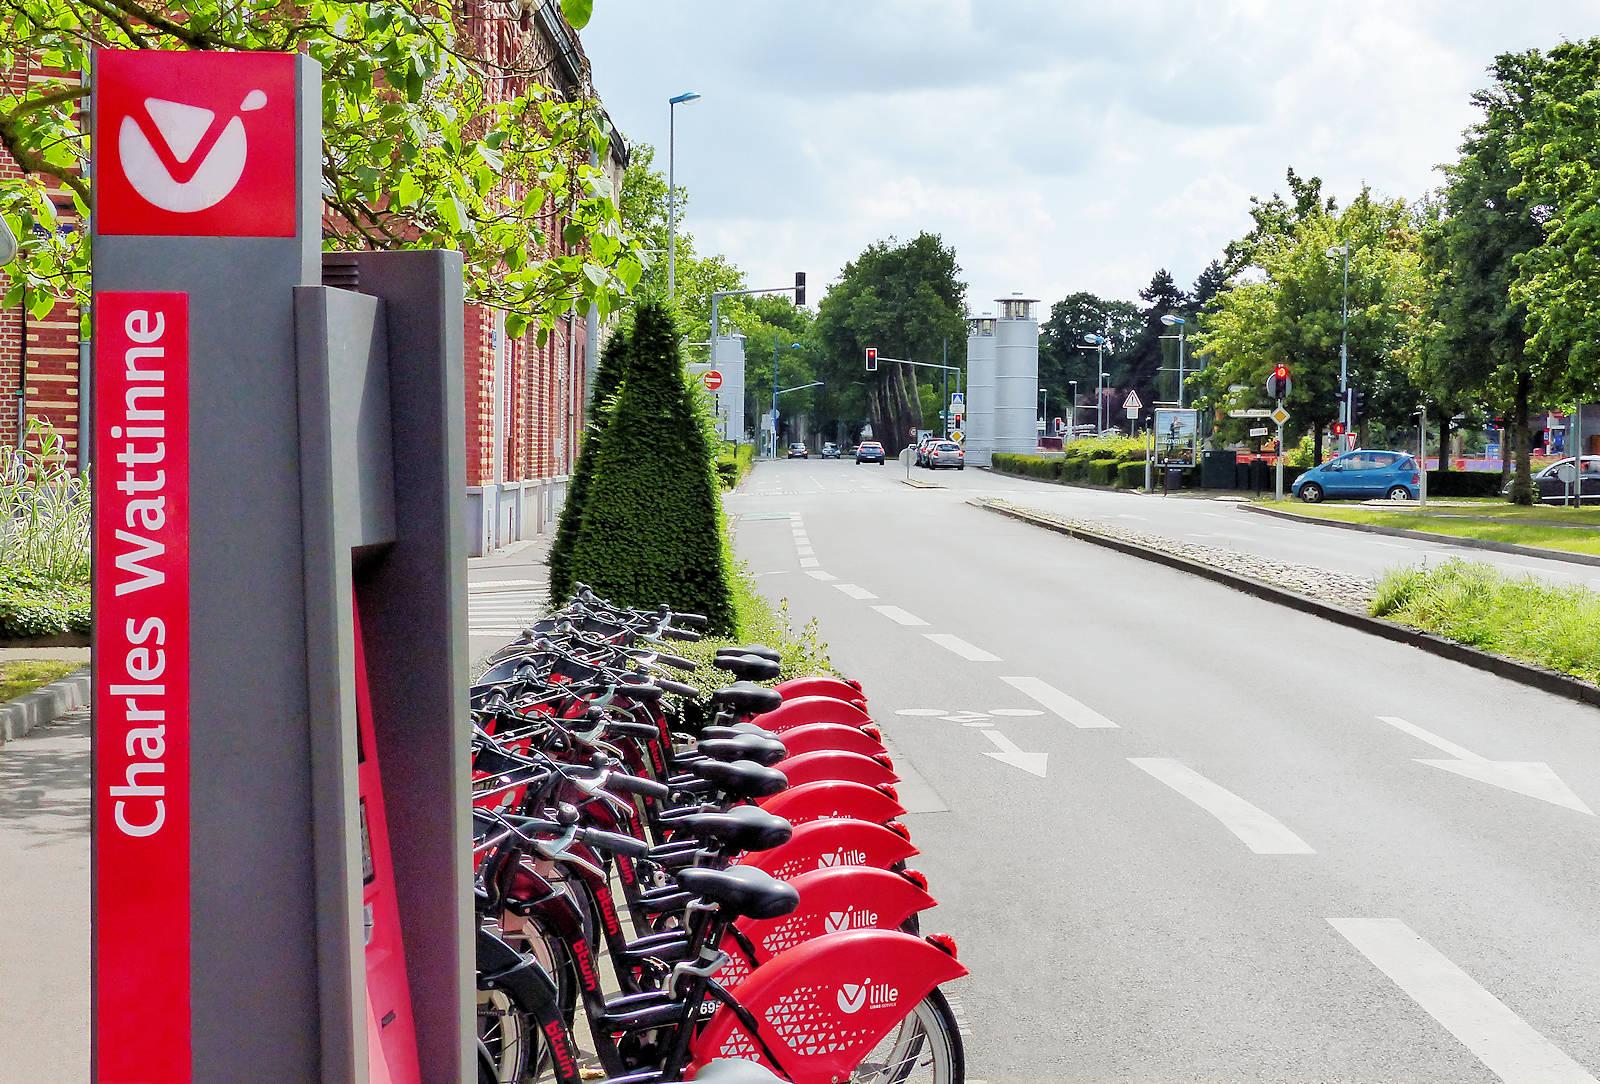 V'Lille Tourcoing - Station Charles Wattinne, rue Charles Wattinne, Tourcoing